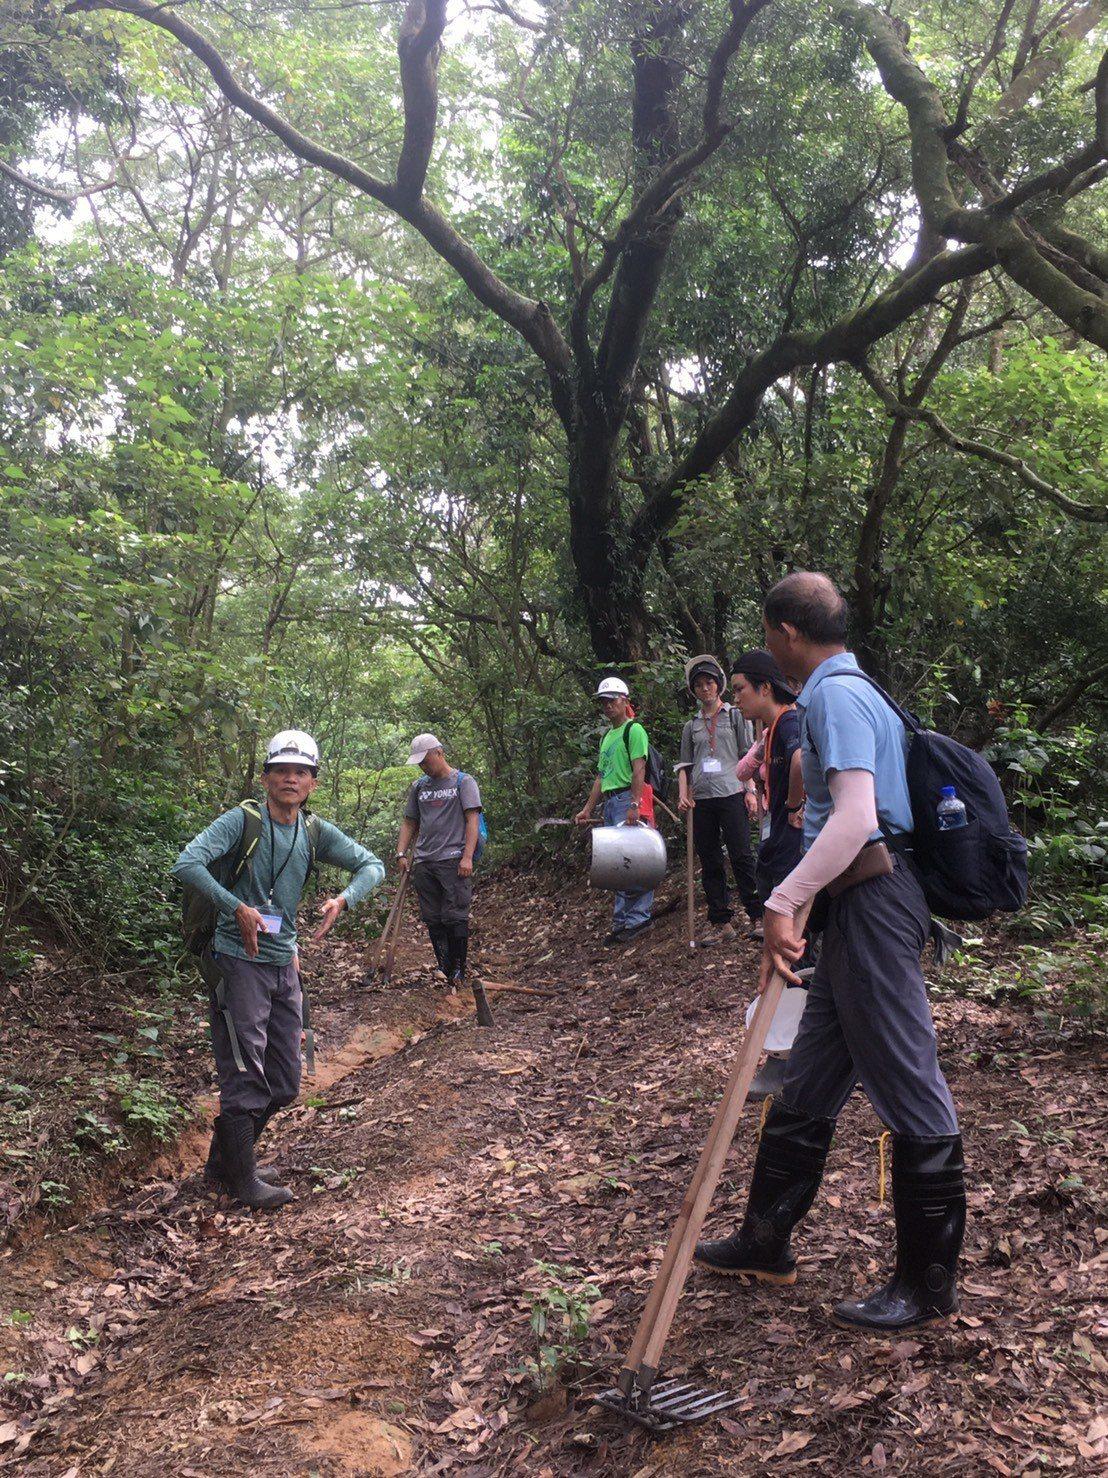 手作步道師現場指導學員如何判斷水流方向與處理方式。記者謝恩得/翻攝